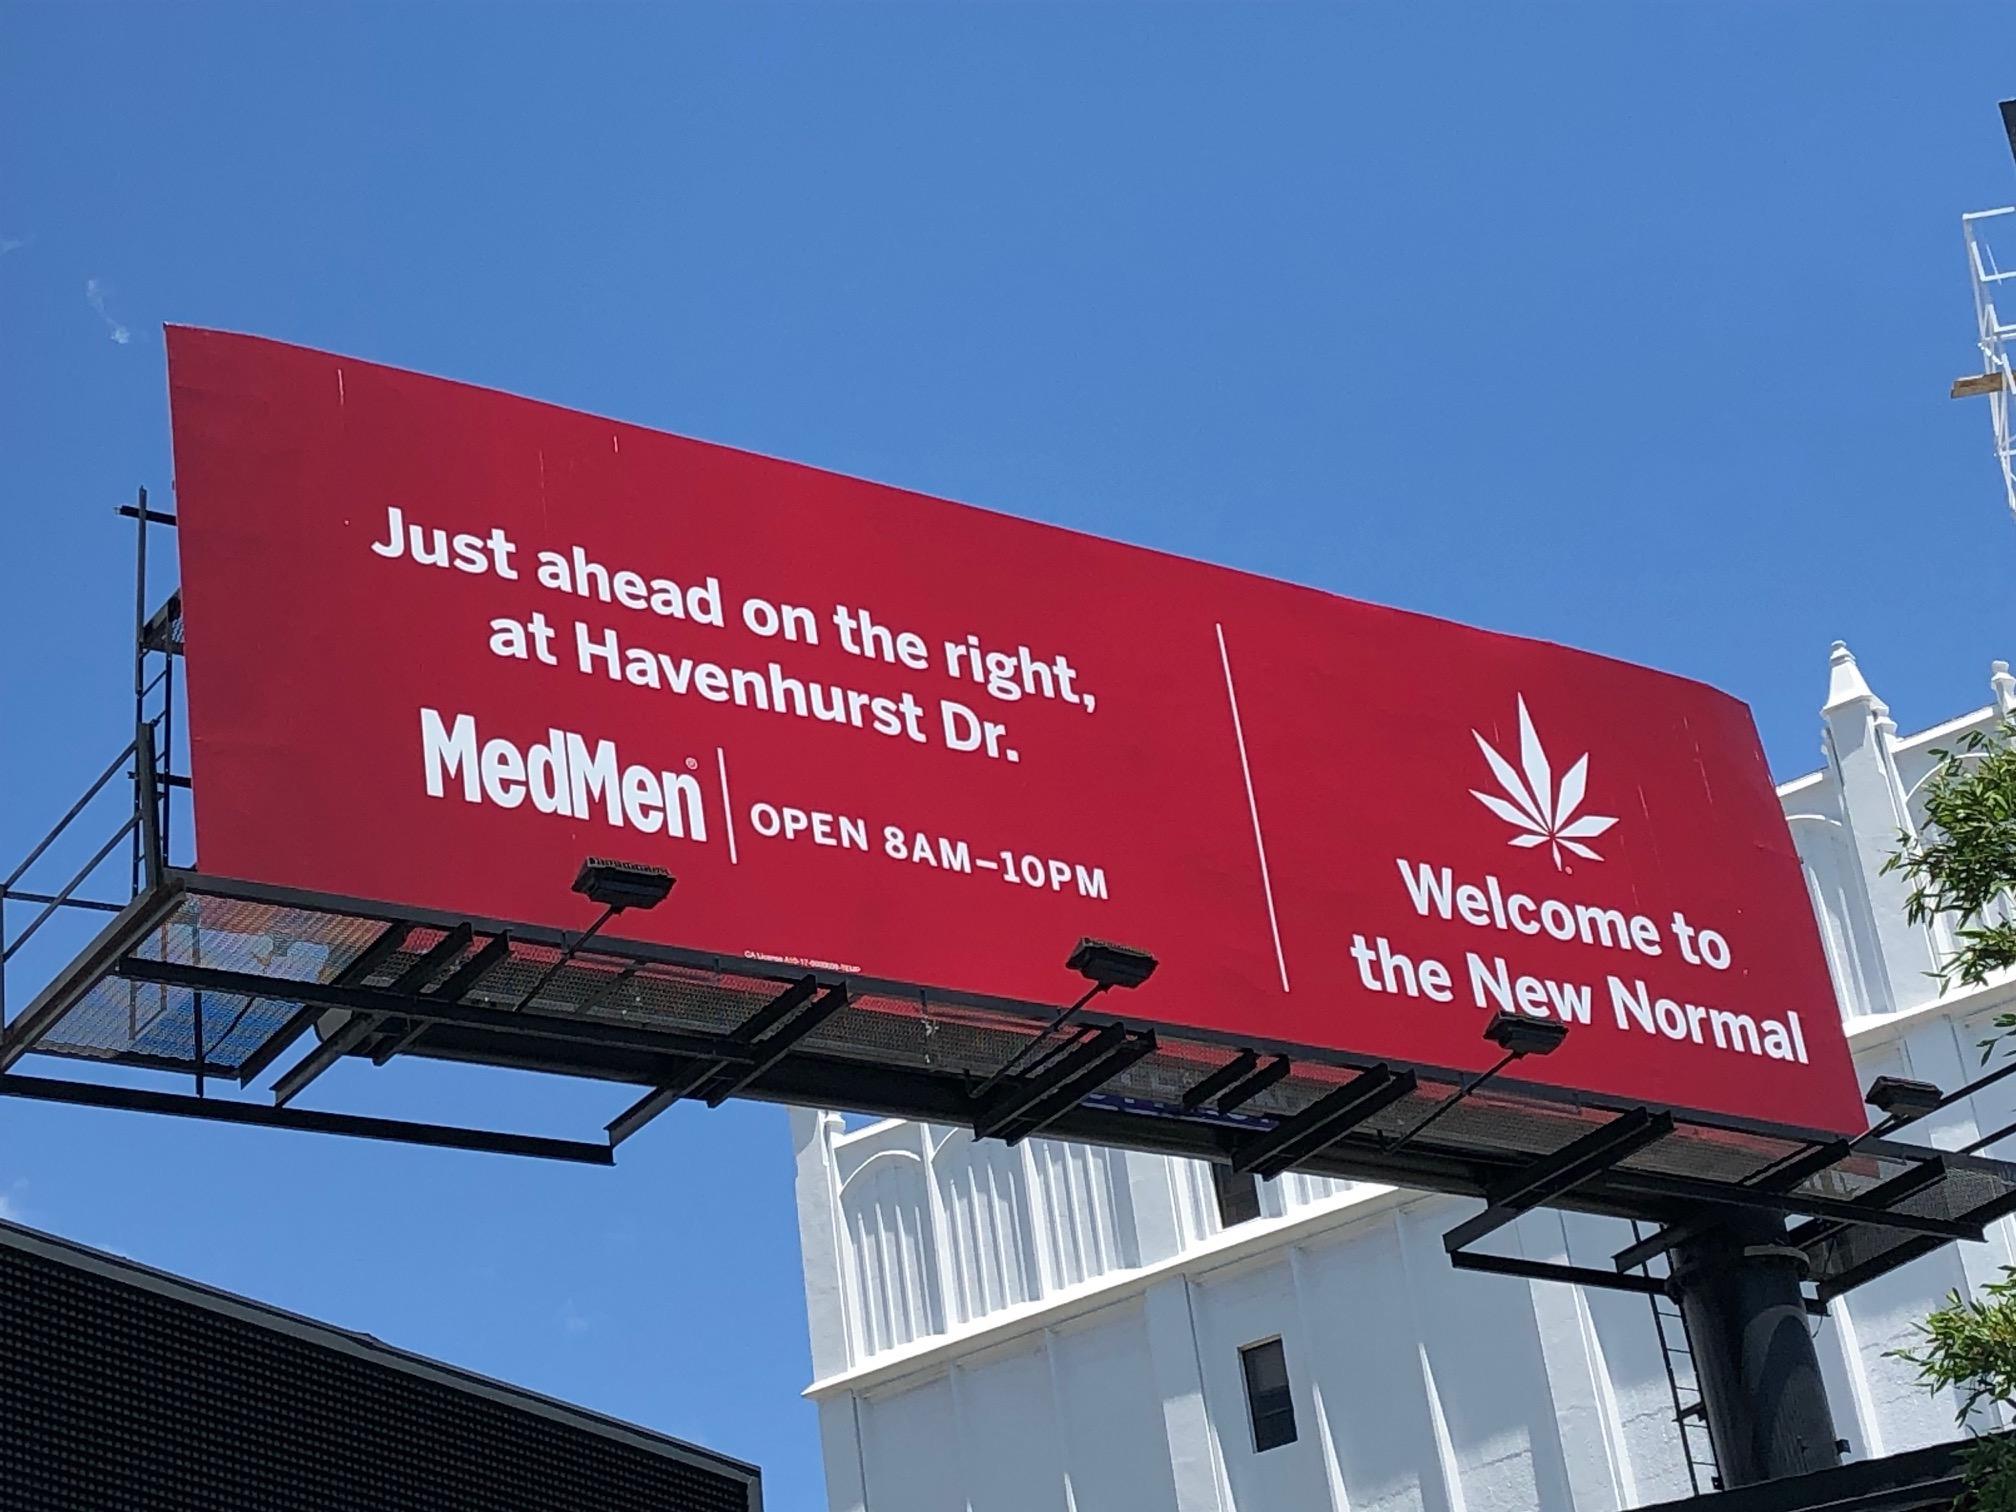 MedMen billboard in Los Angeles